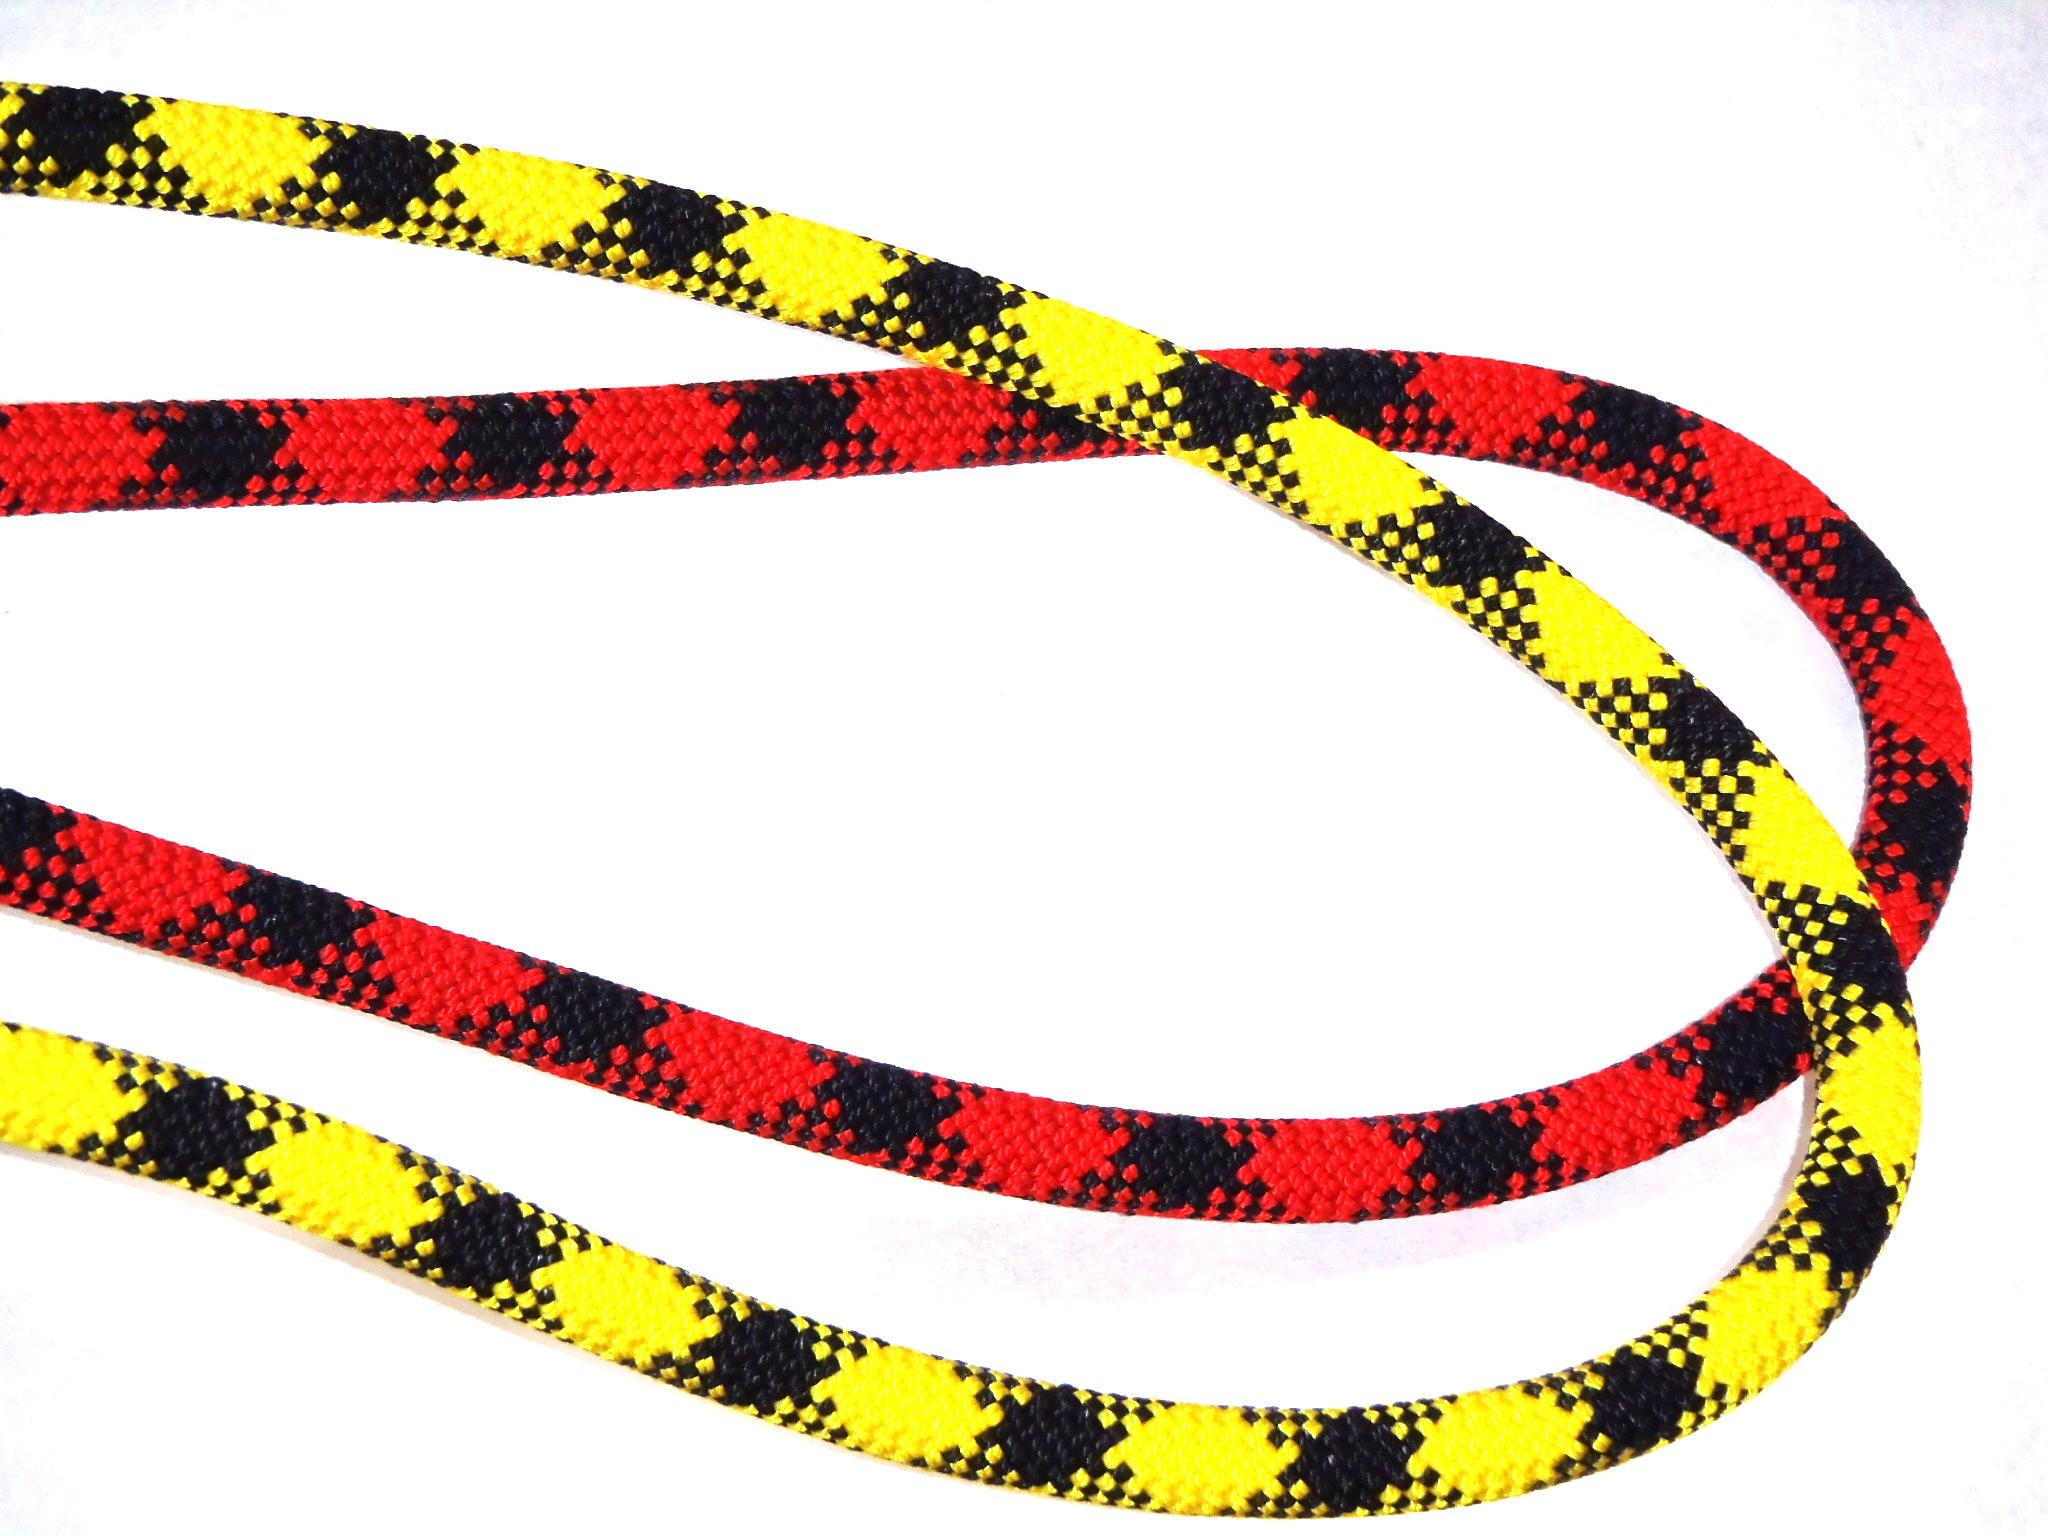 テンドン ダイナミックロープ トラスト カウズテール用2色セット 5mレッド+2.5mイエロー